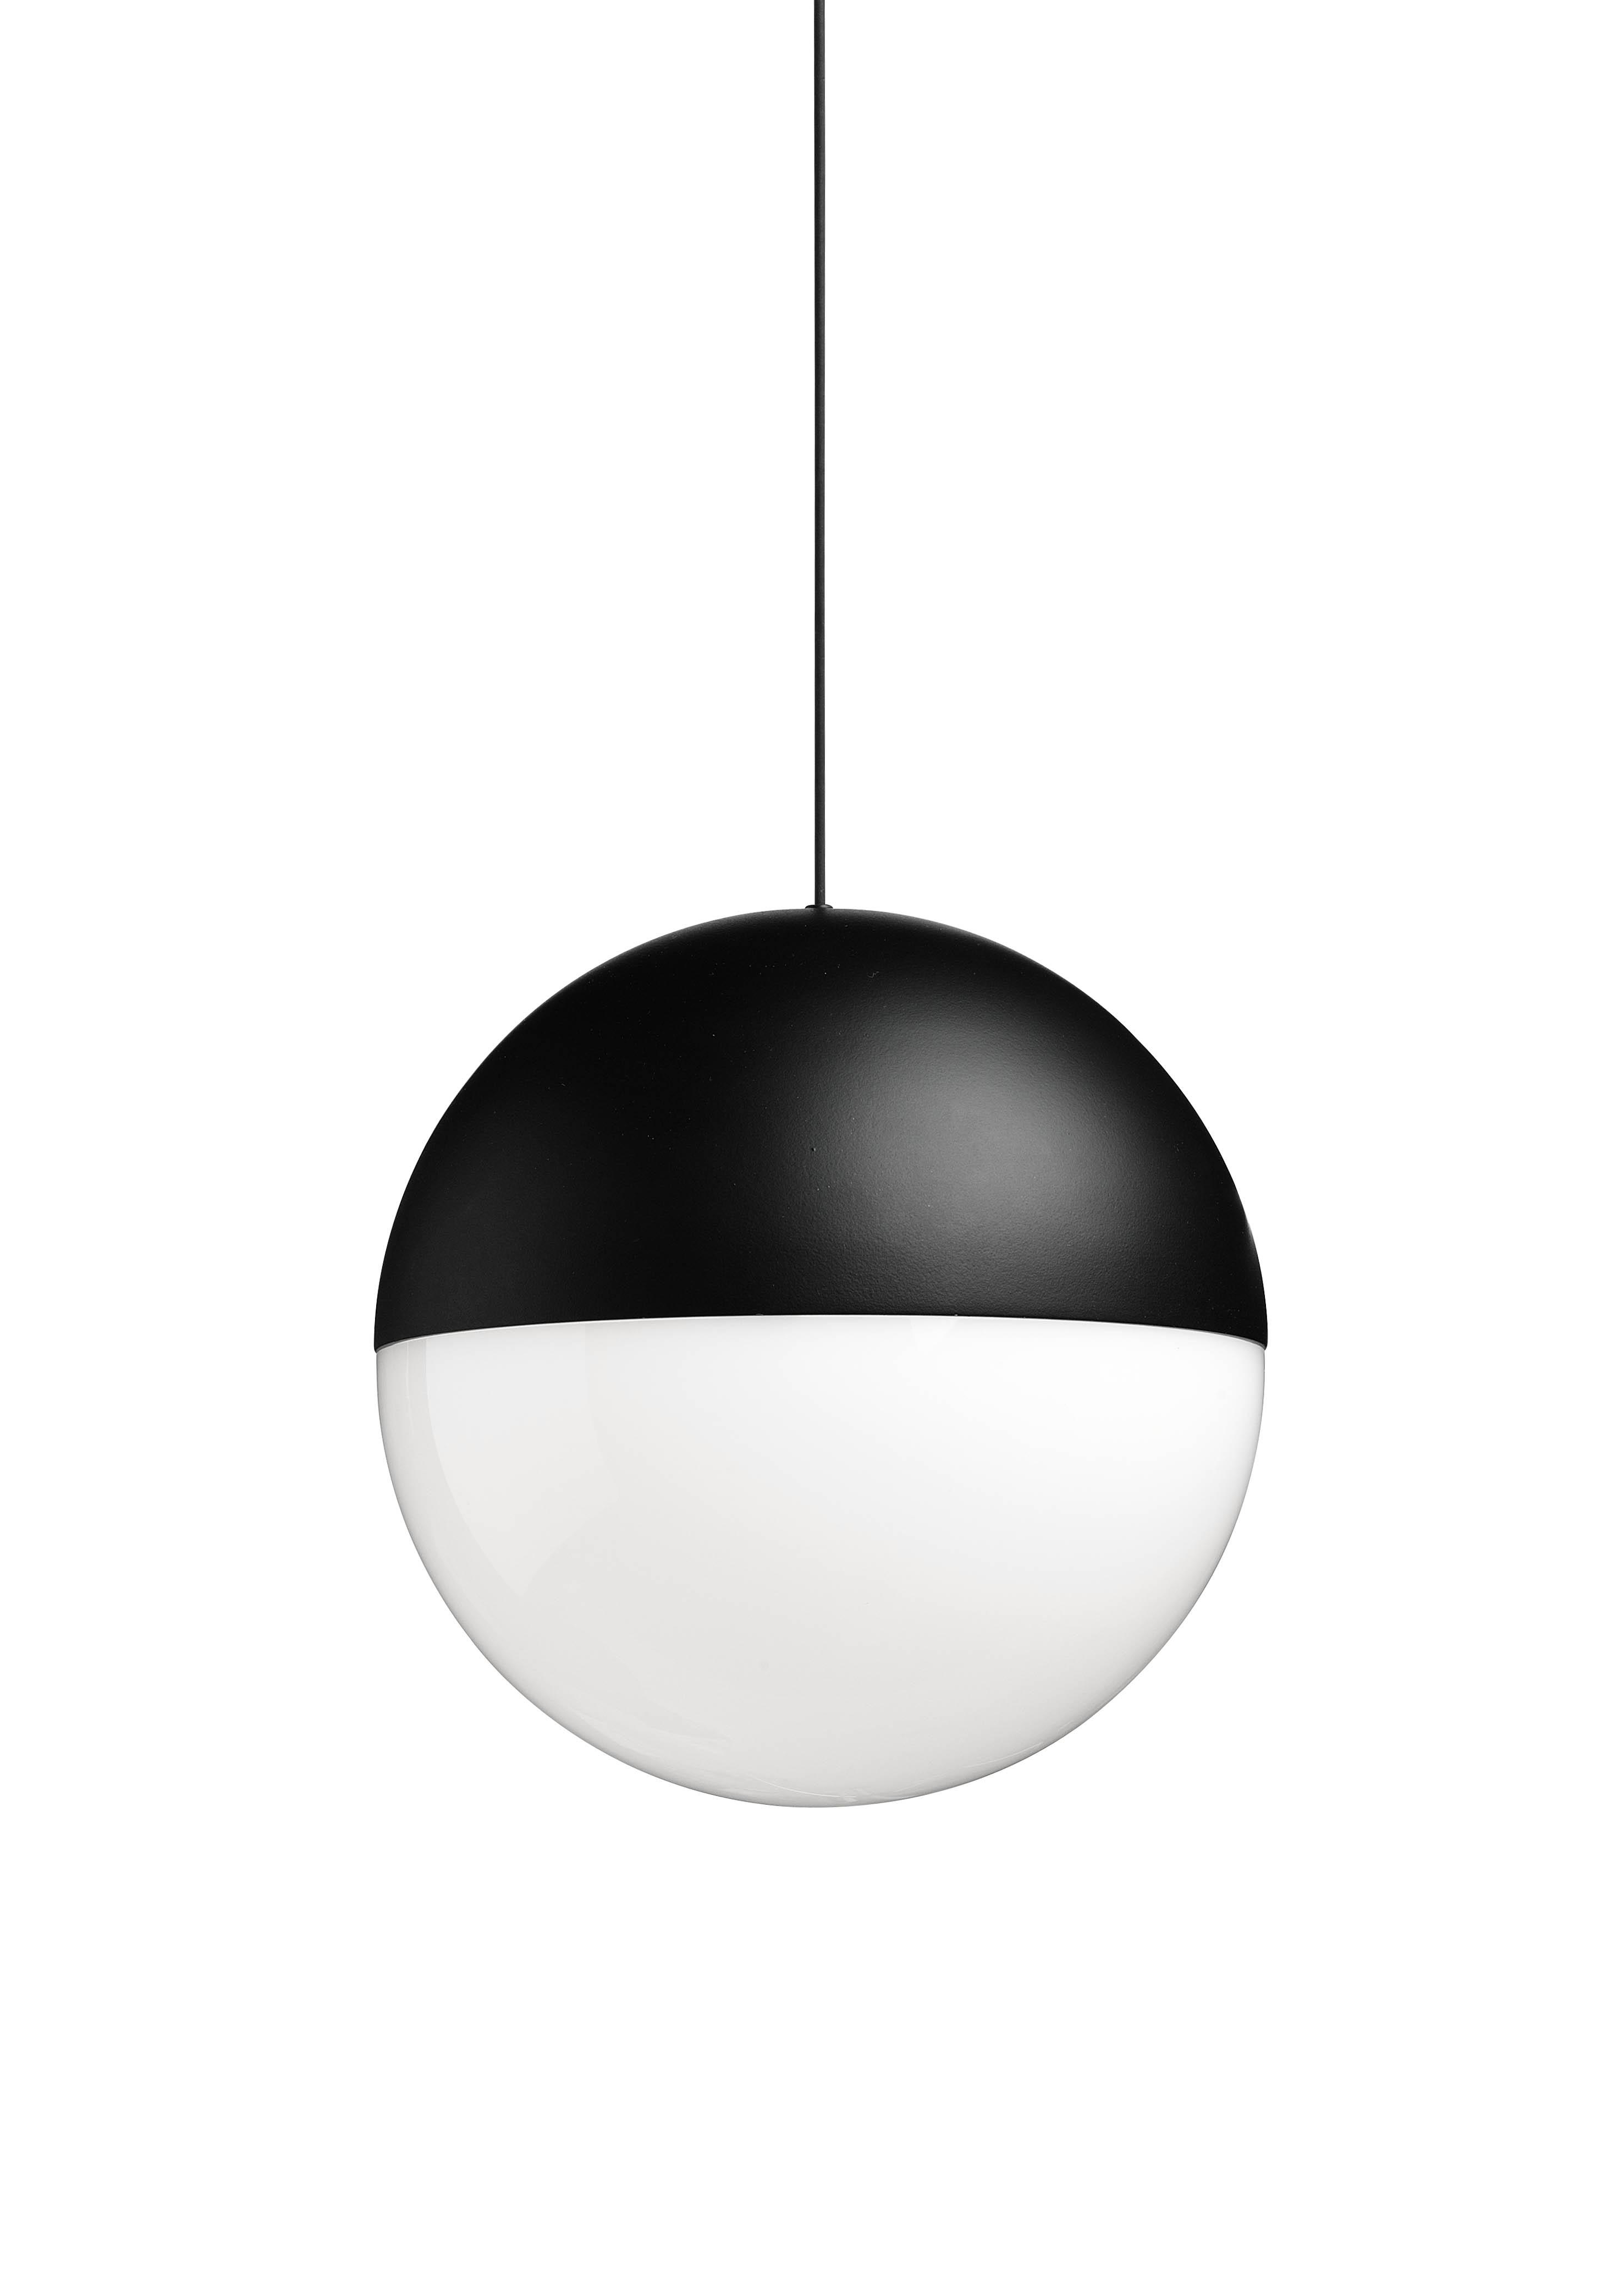 طراحی لامپ فلاس استرینگ